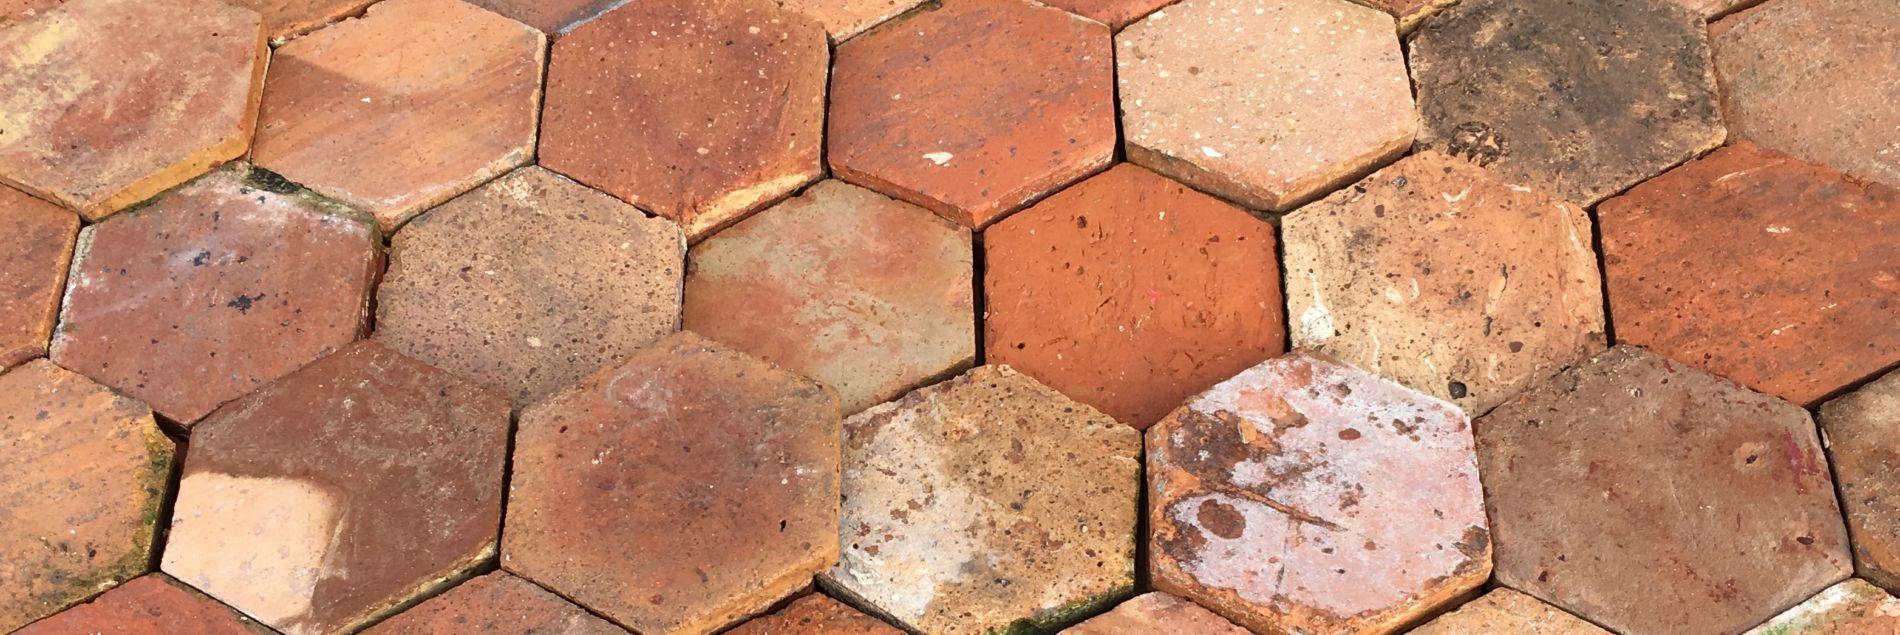 Comment Enlever Ciment Sur Pavés comment poser des tomettes anciennes ? | bca matériaux anciens